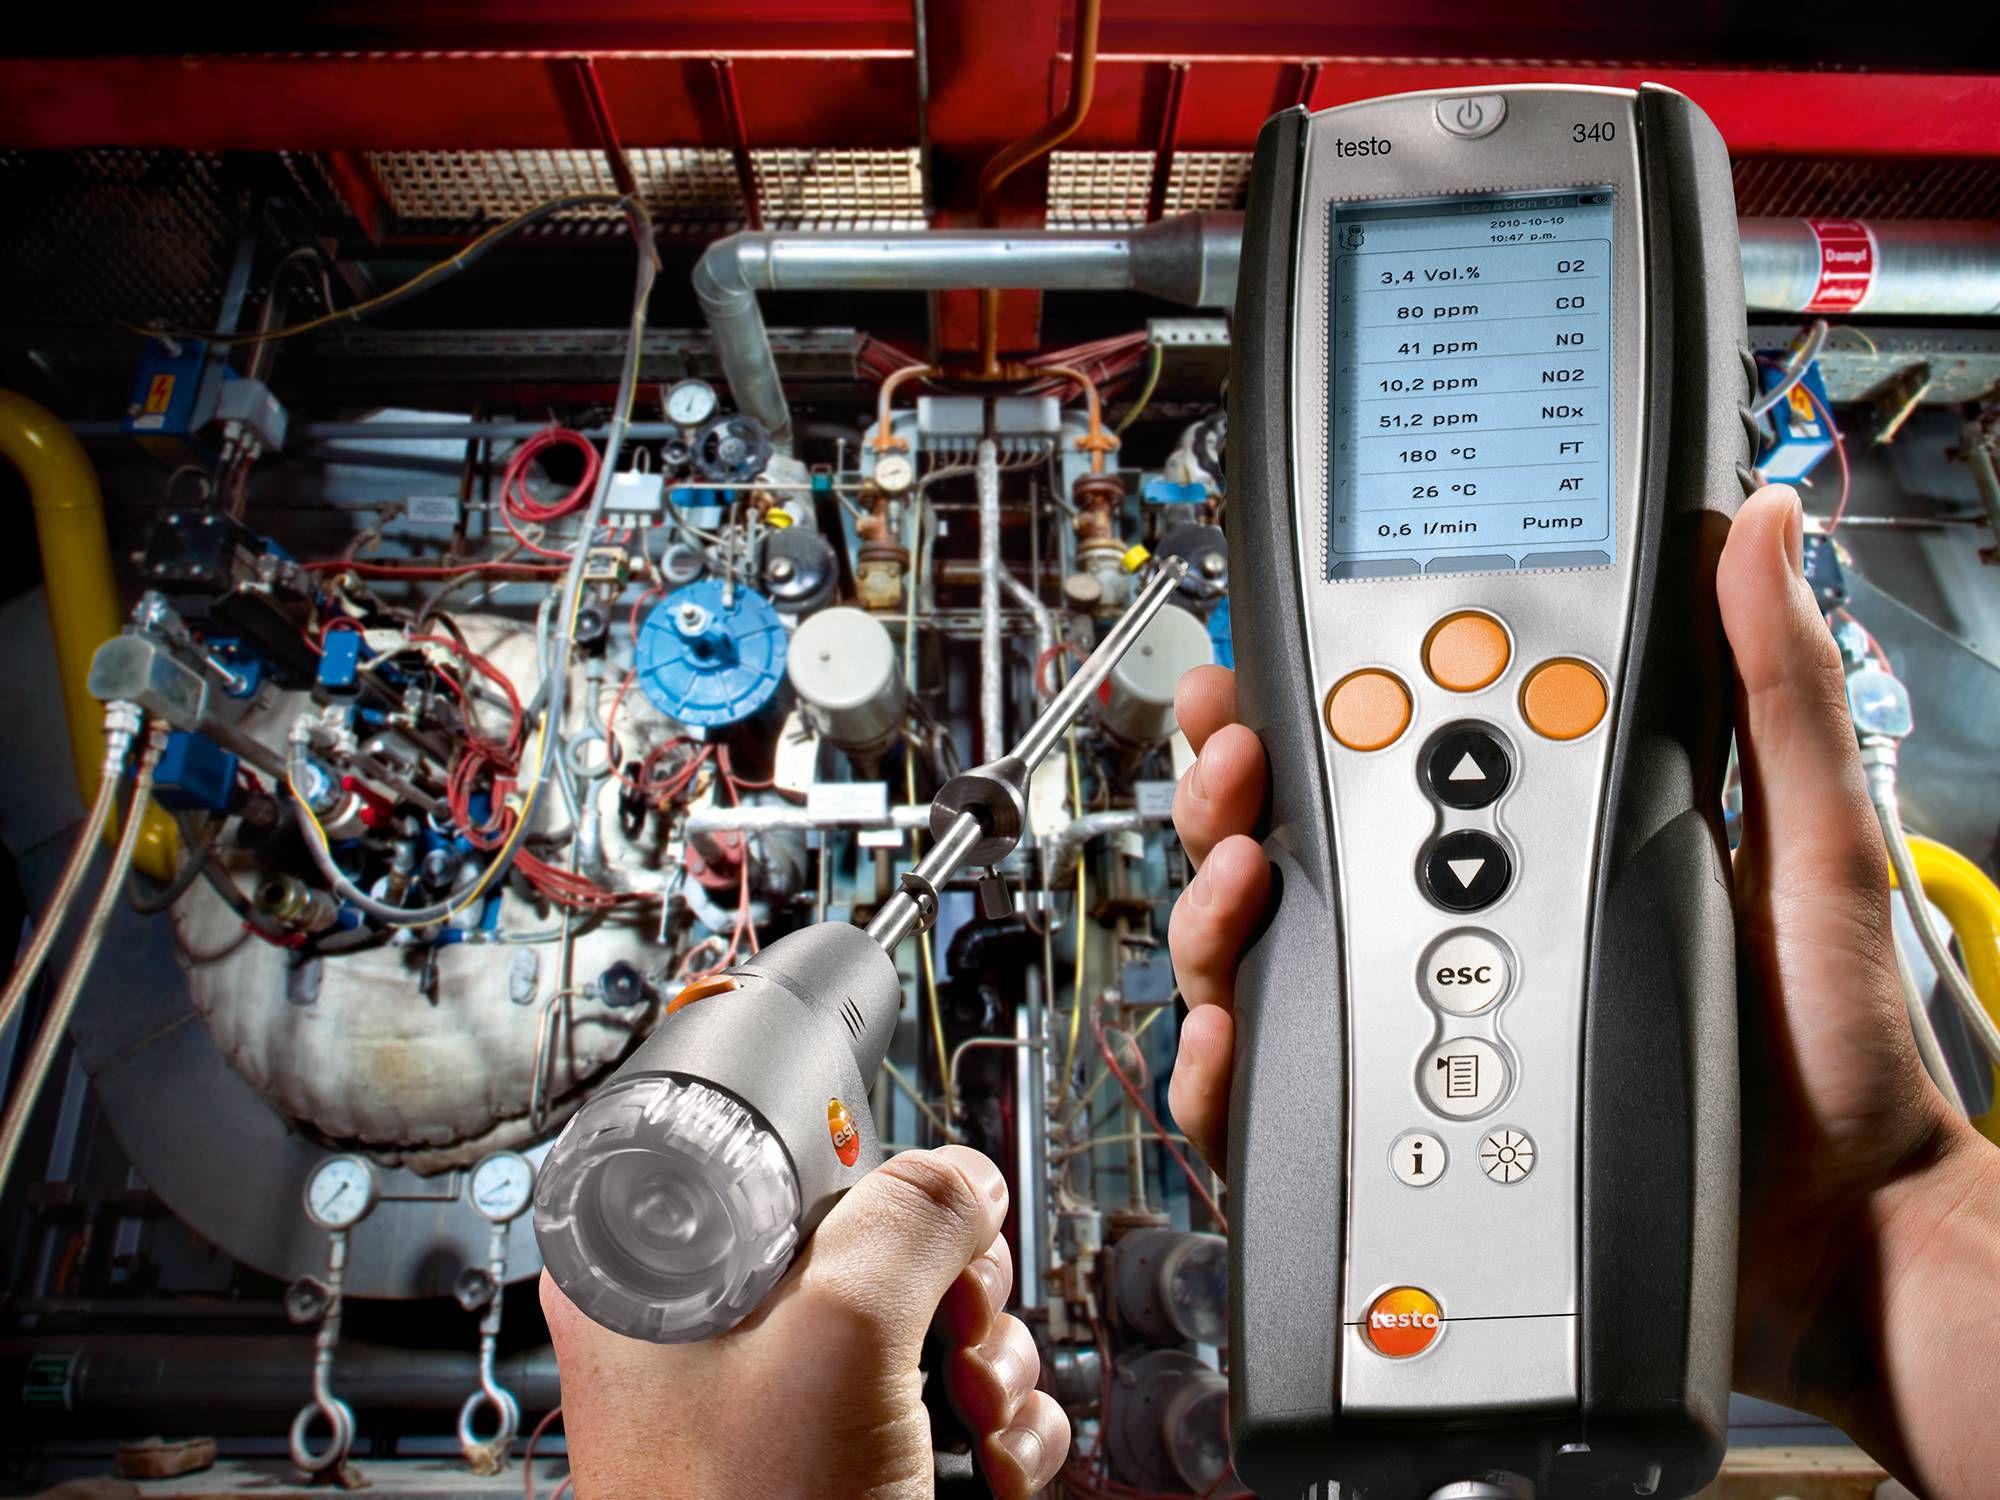 Emissionsmessgerät testo 340